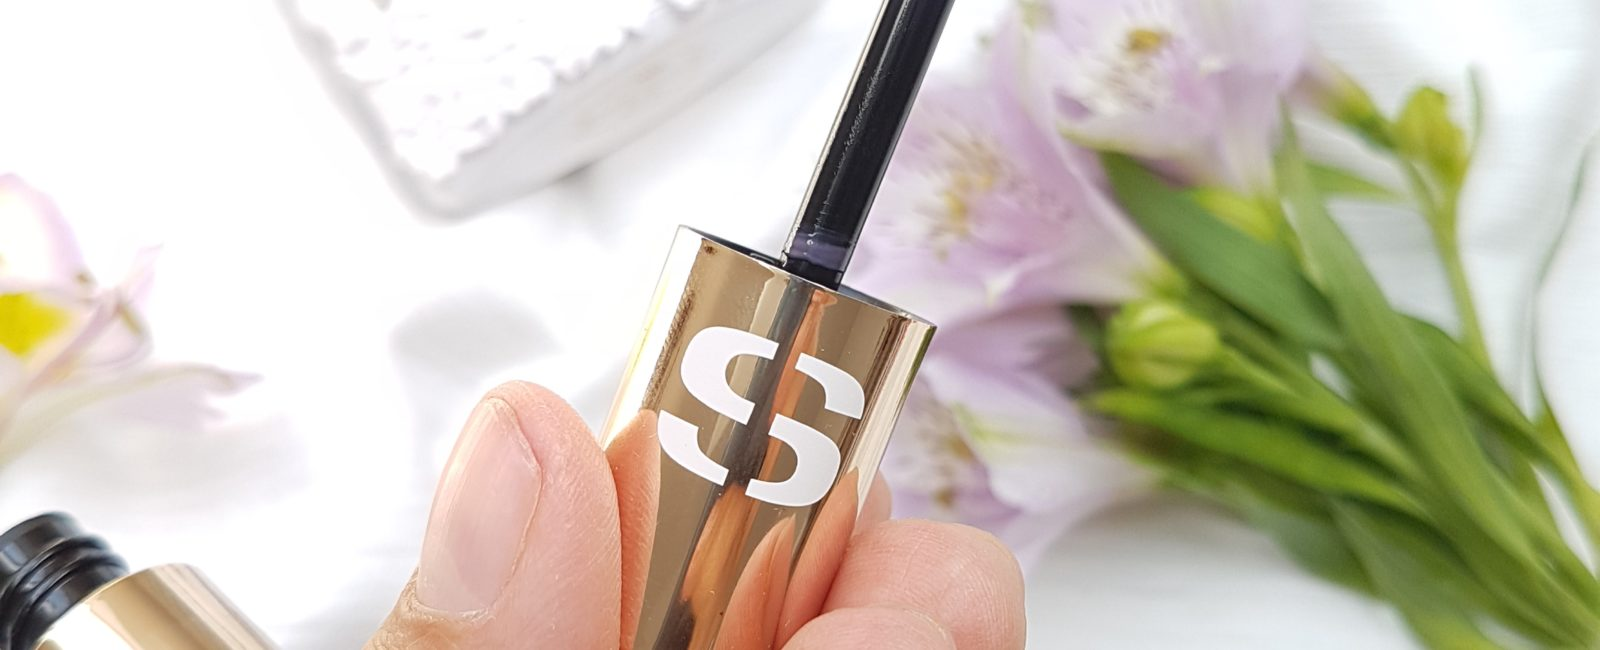 3 luxusné kozmetické produky, ktoré vás dostanú